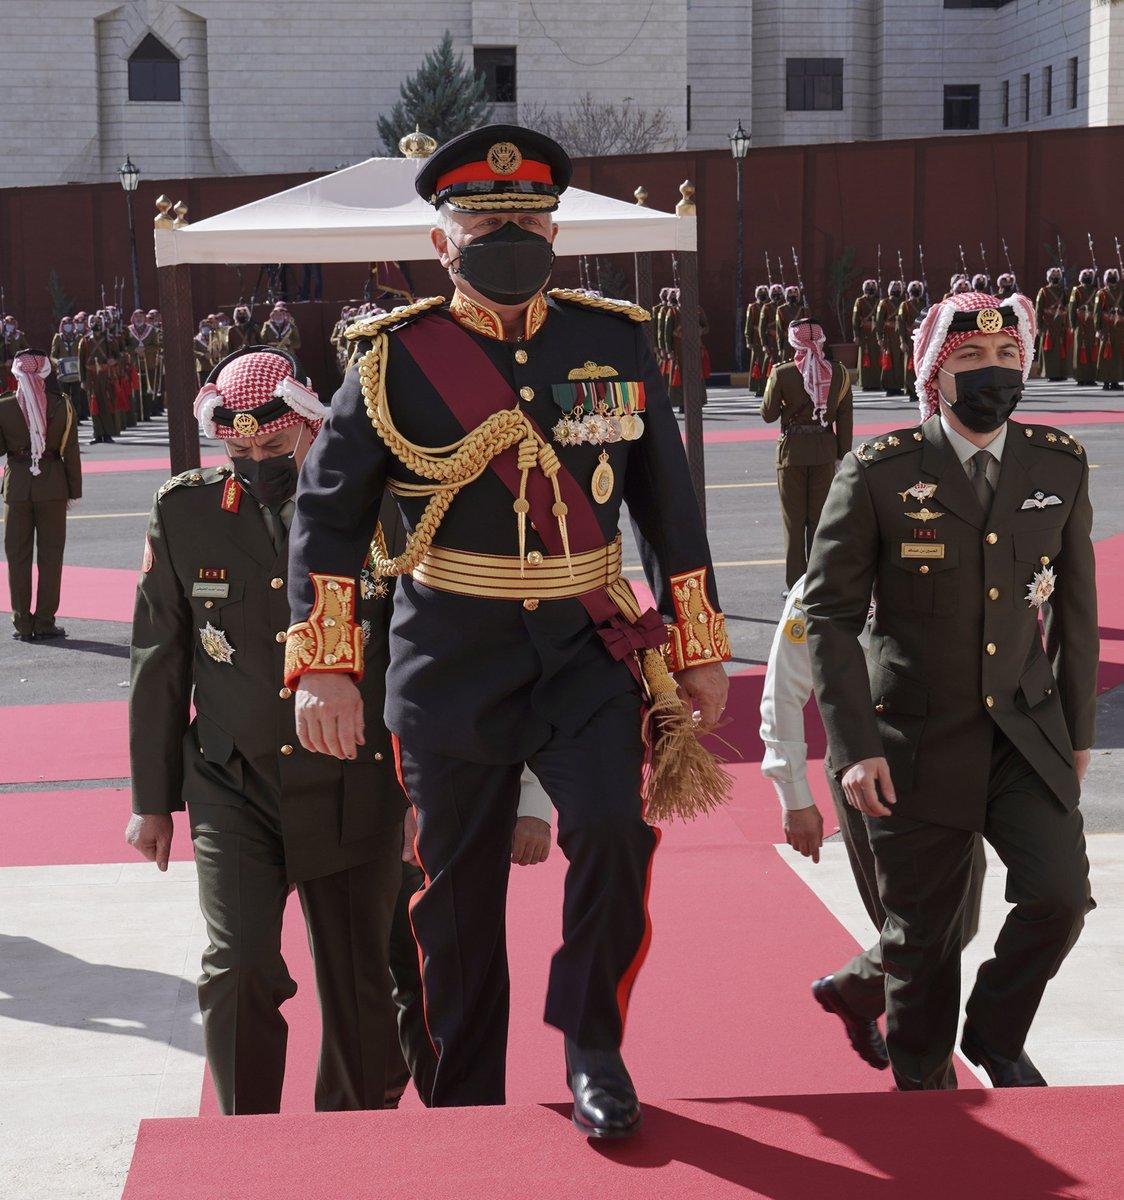 جلالة الملك عبدالله الثاني يفتتح الدورة غير العادية لمجلس الأمة التاسع عشر #خطاب_العرش #الأردن  His Majesty King Abdullah II inaugurates the 19th Parliament's Non-ordinary Session #SFTT2020 #Jordan